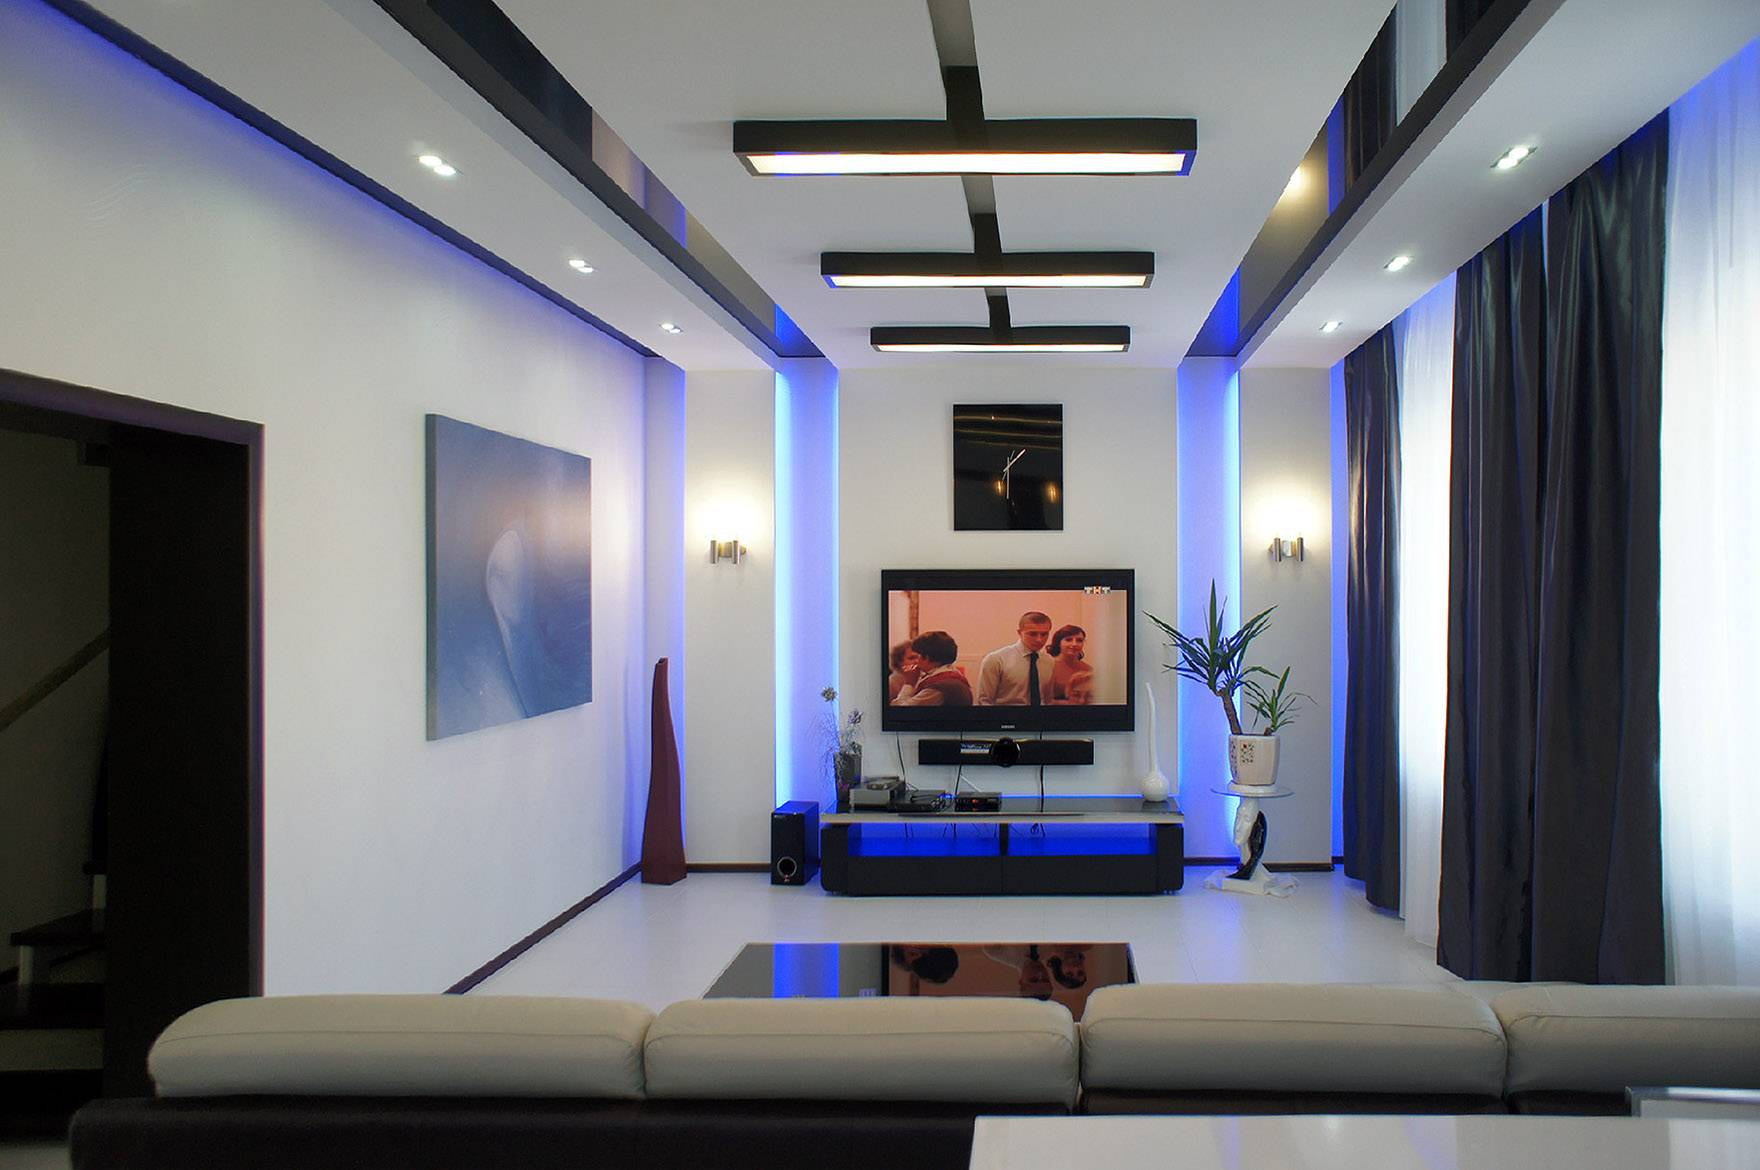 Светодиодная подсветка в интерьере квартиры